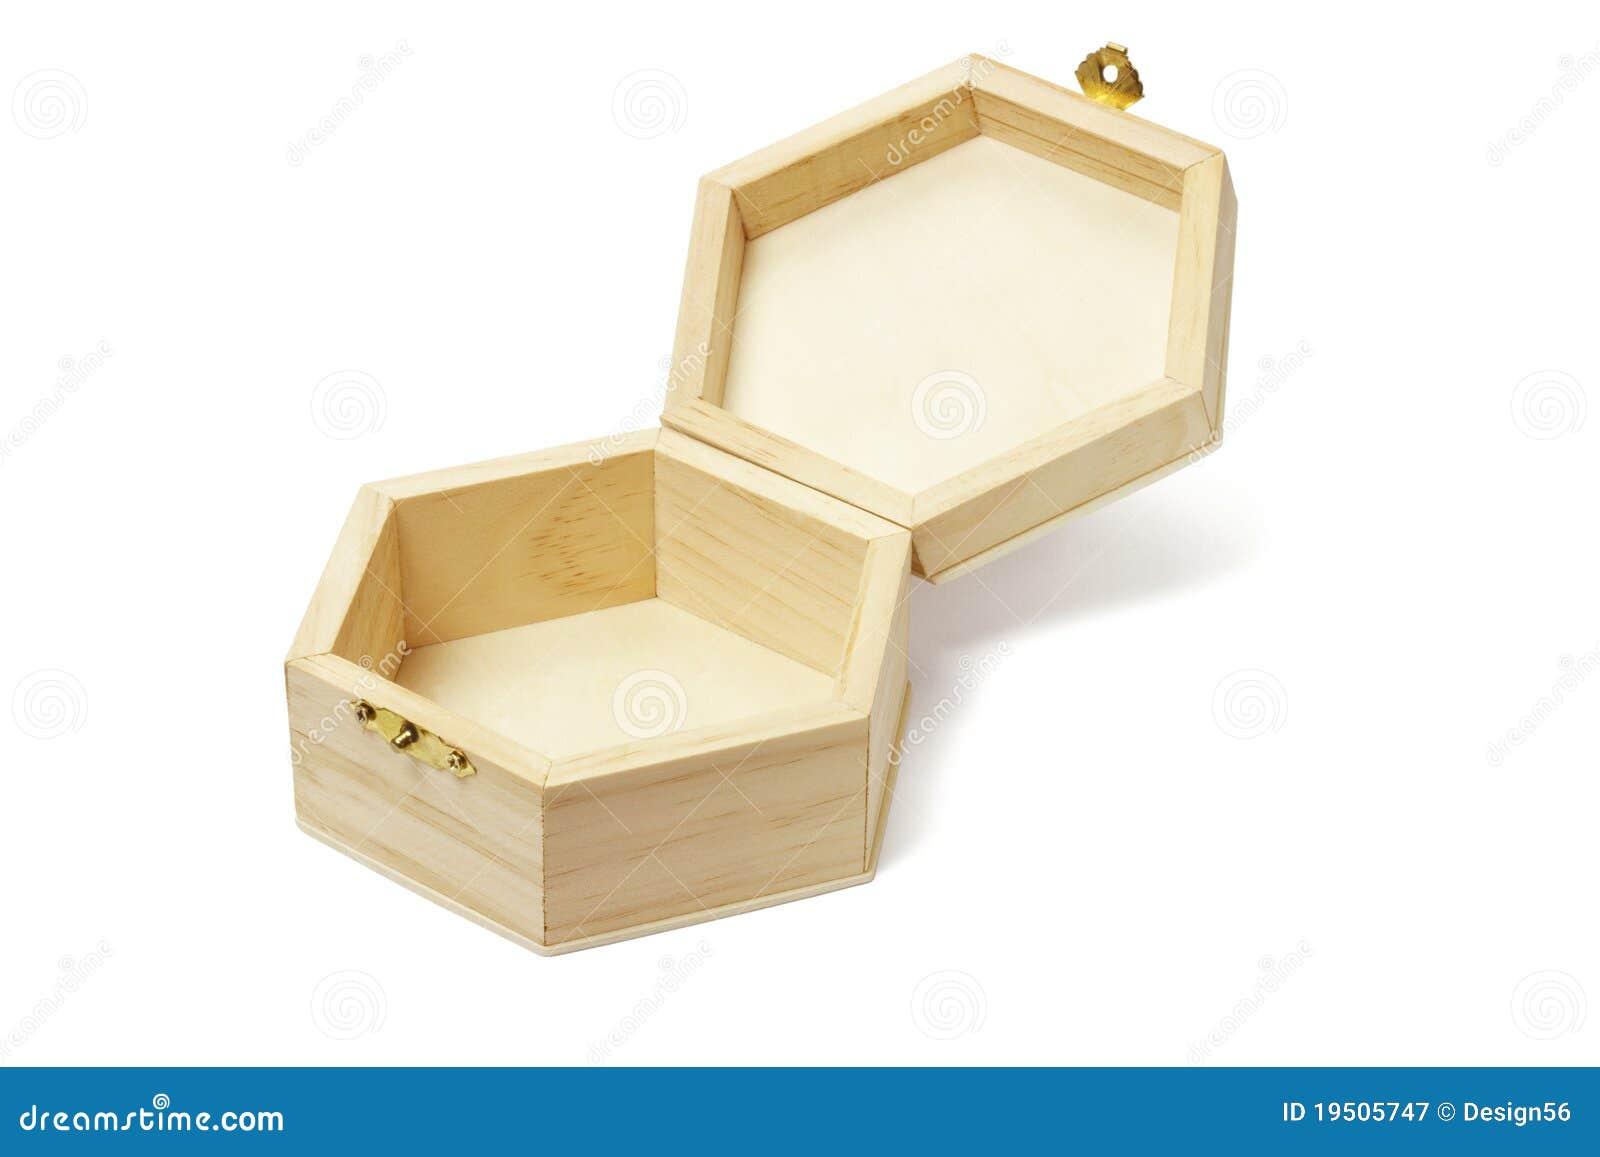 Rectángulo de almacenaje hexagonal de madera vacío de la dimensión de una variable